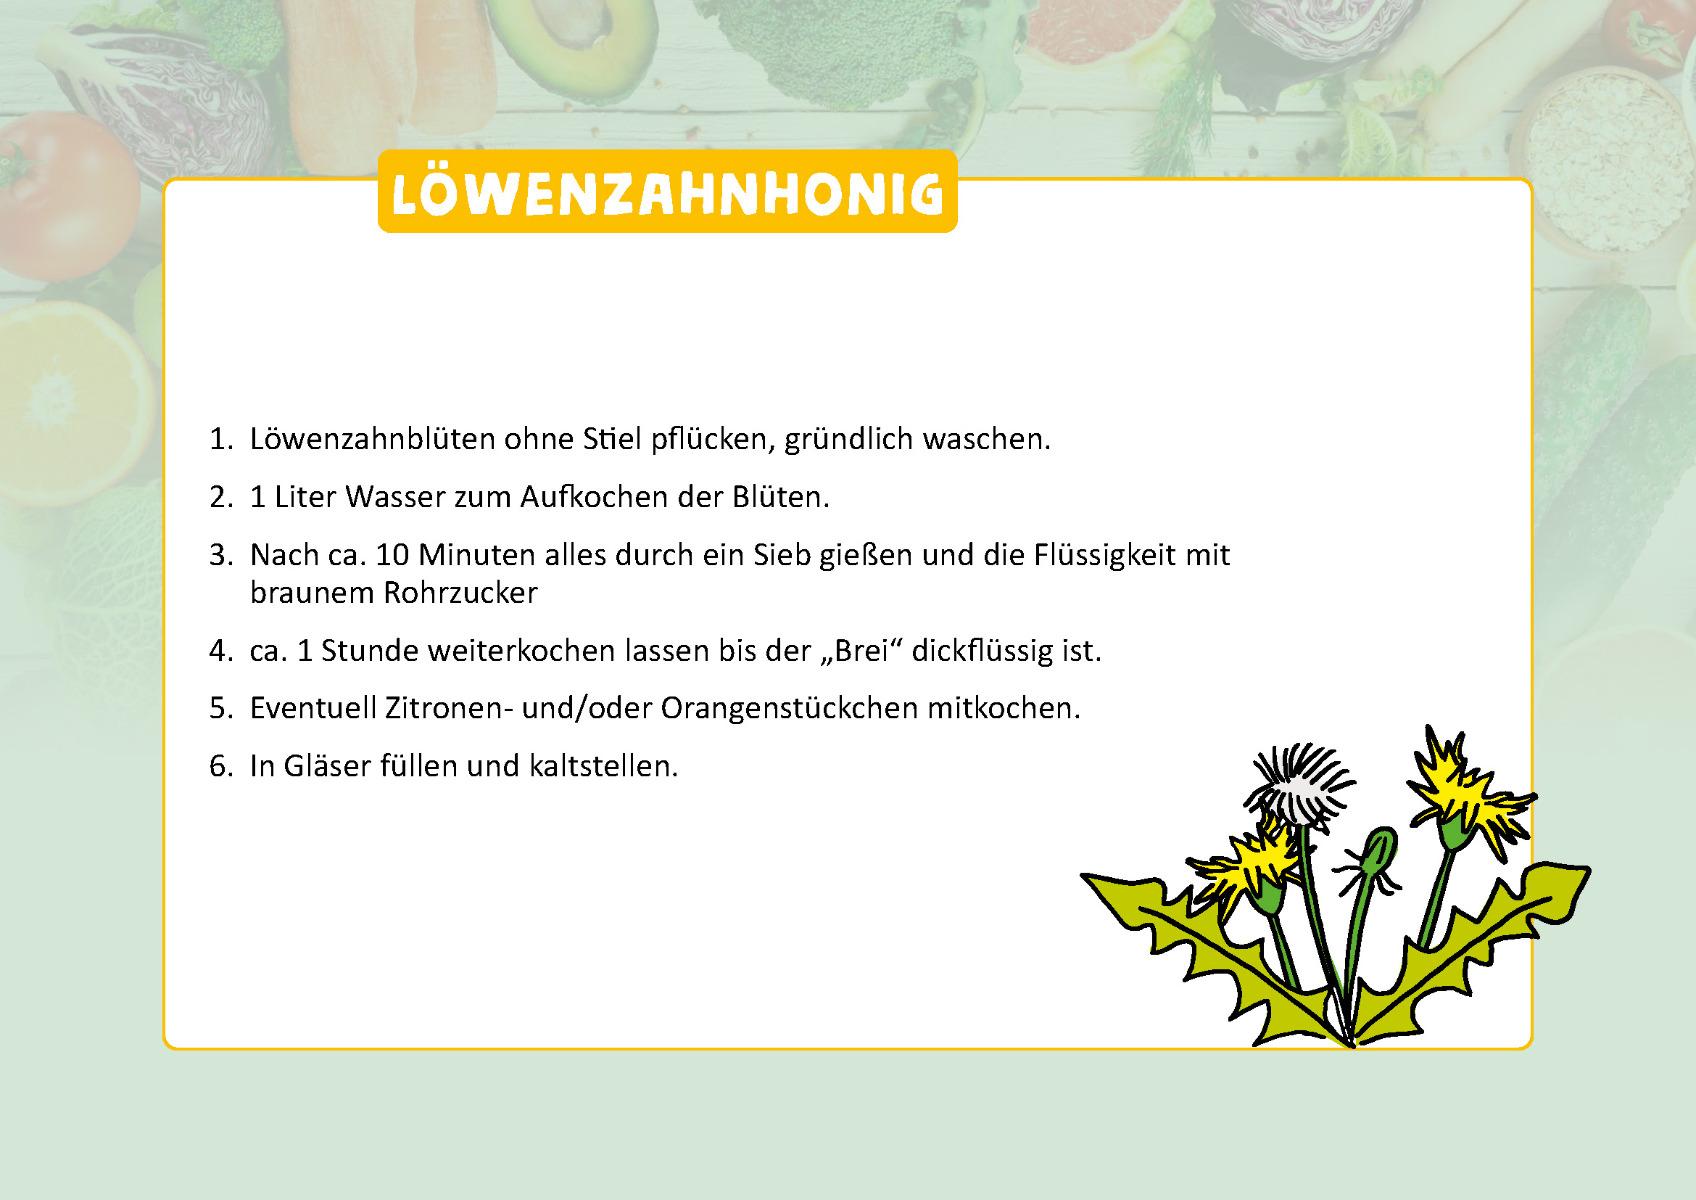 Loewenzahnhonig